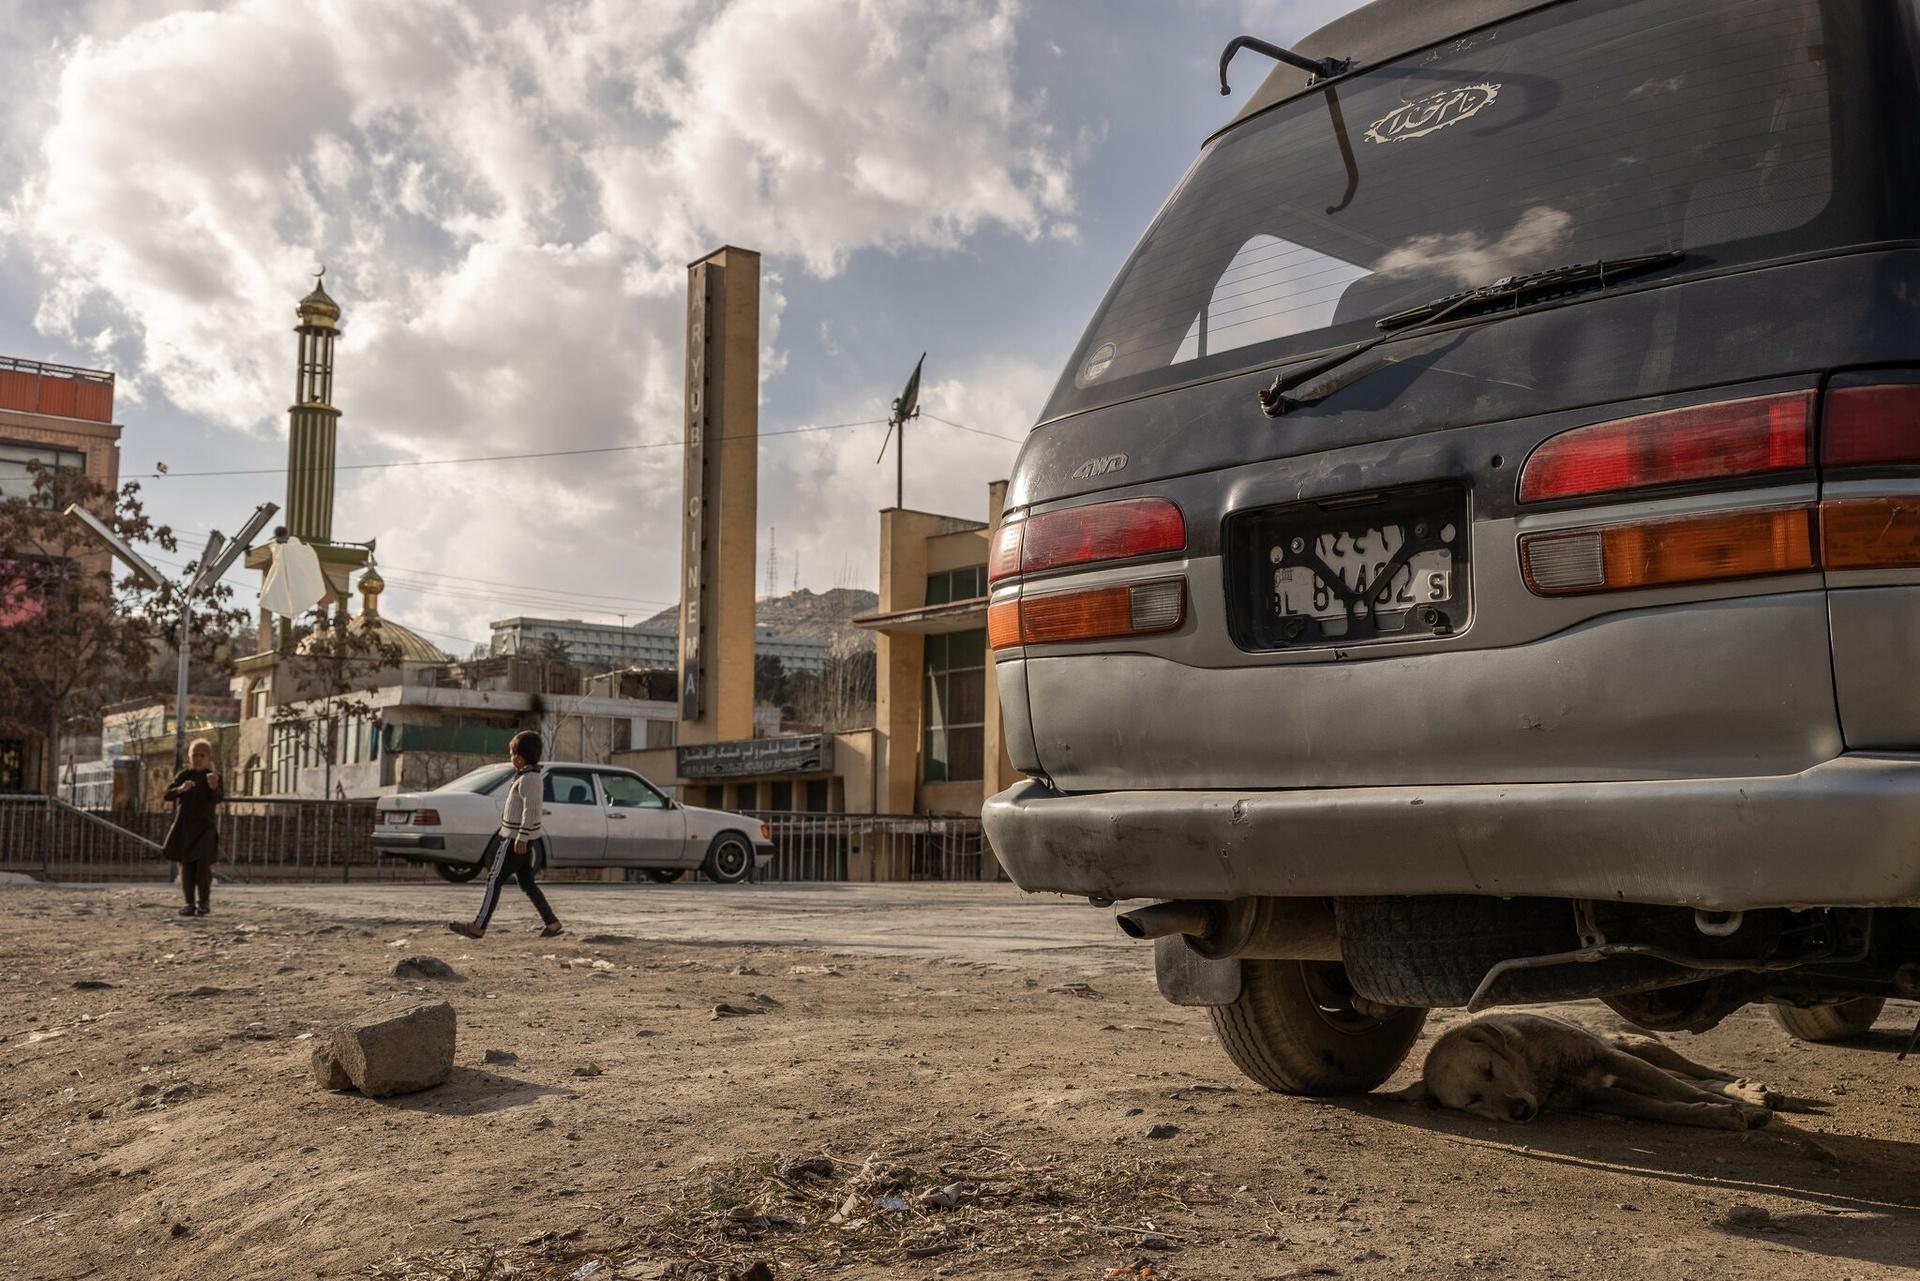 Cho hoang tan cong,  thu do Kabul,  toi pham gia tang anh 2